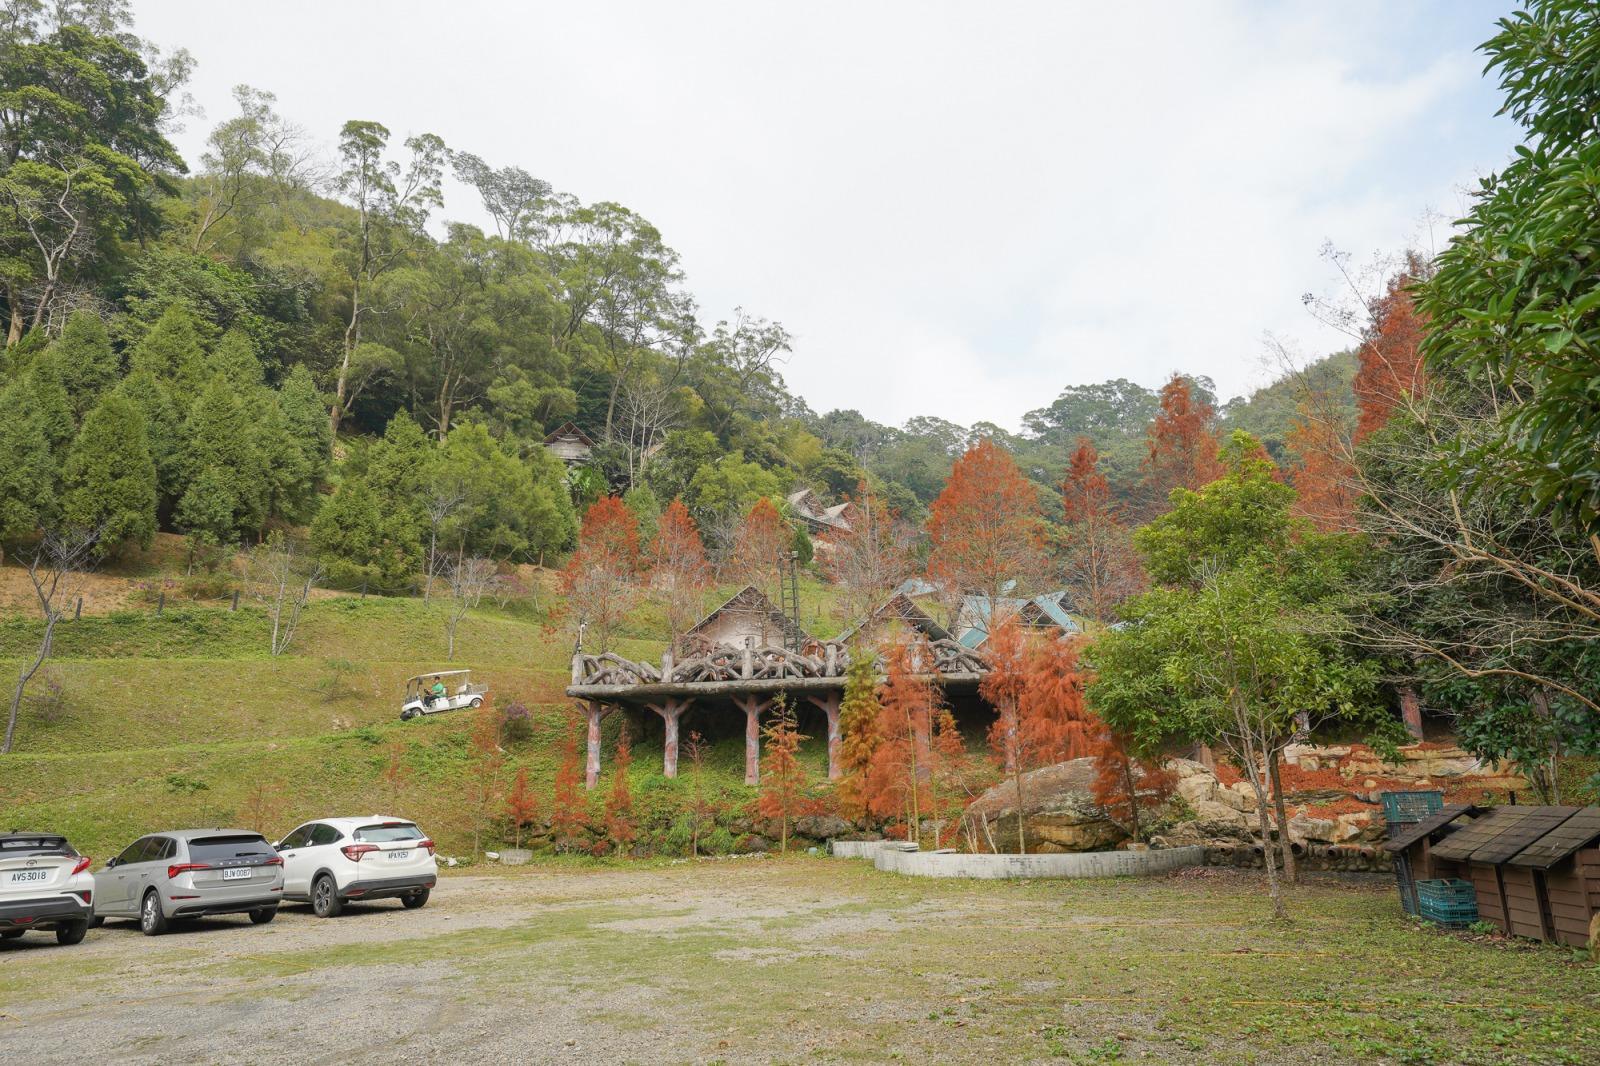 新竹豪華露營》山中童話森林~野漾莊園!兩萬坪的山中奢華露營,一咖行李箱就入住、獨立衛浴、冷暖空調、玩水、星空電影院超浪漫!